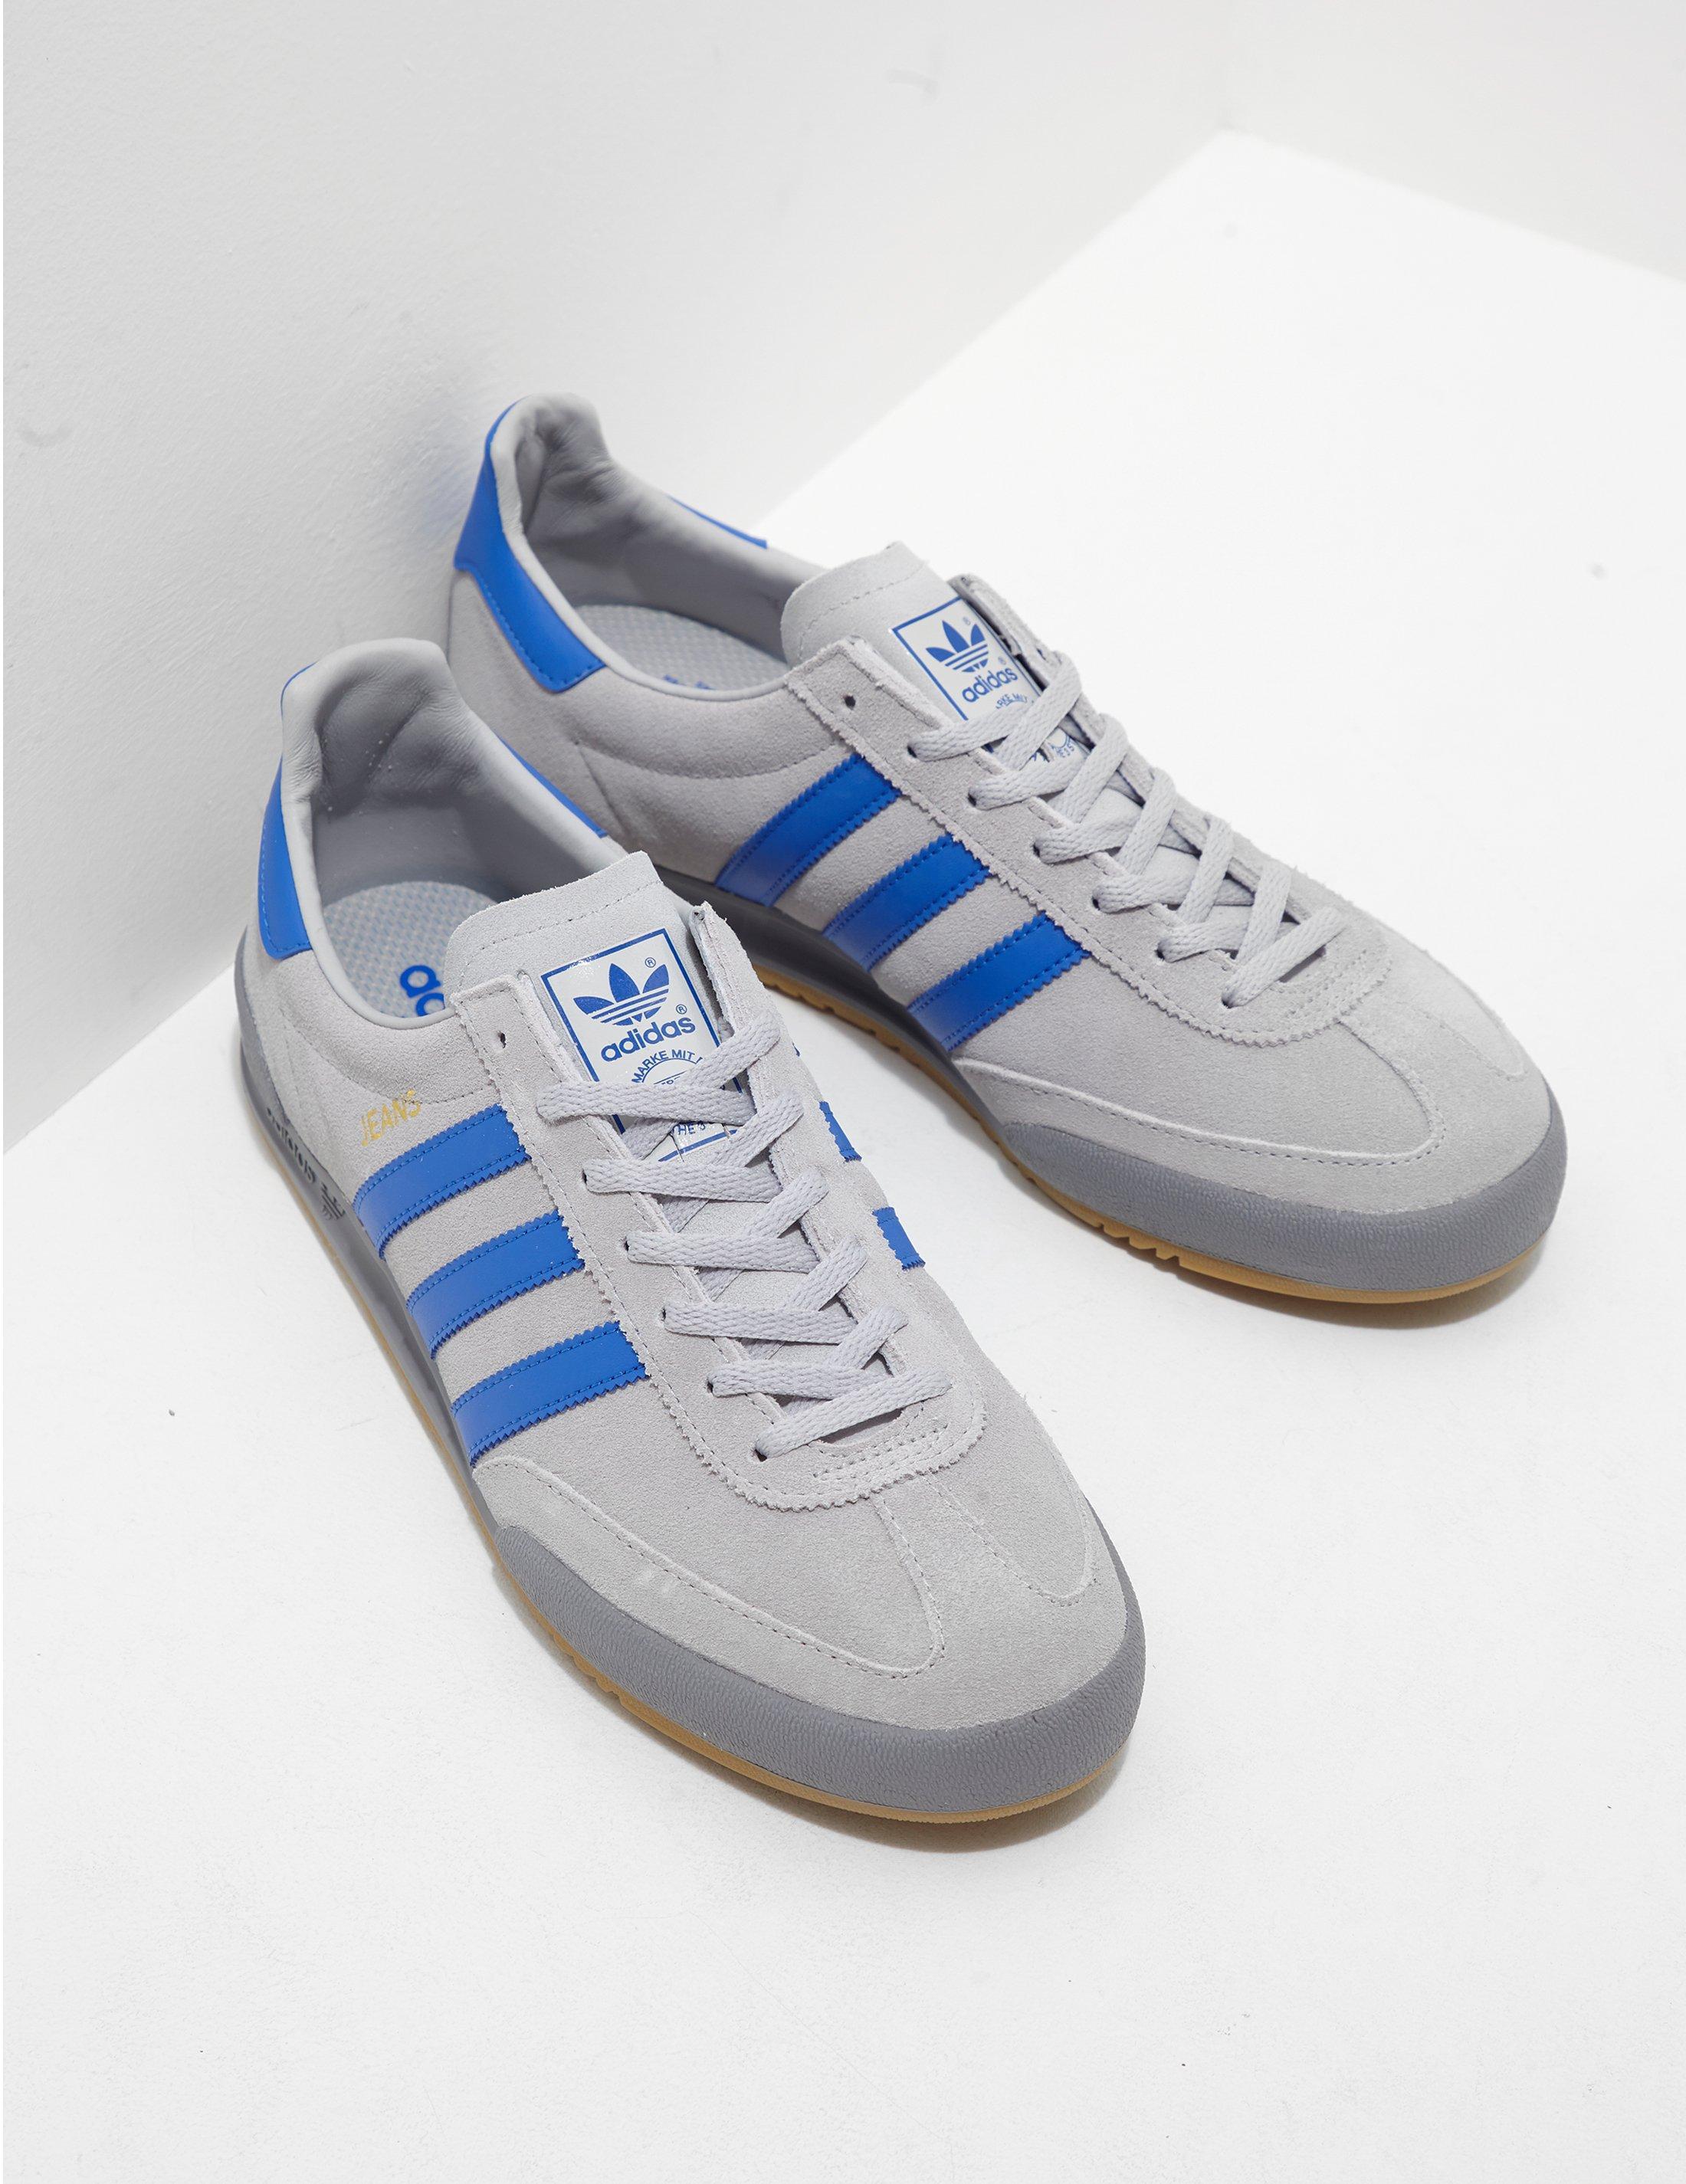 6d2cc0d45f65 Blue For Adidas Mens Jeans In Originals Men Lyst qW8Hg